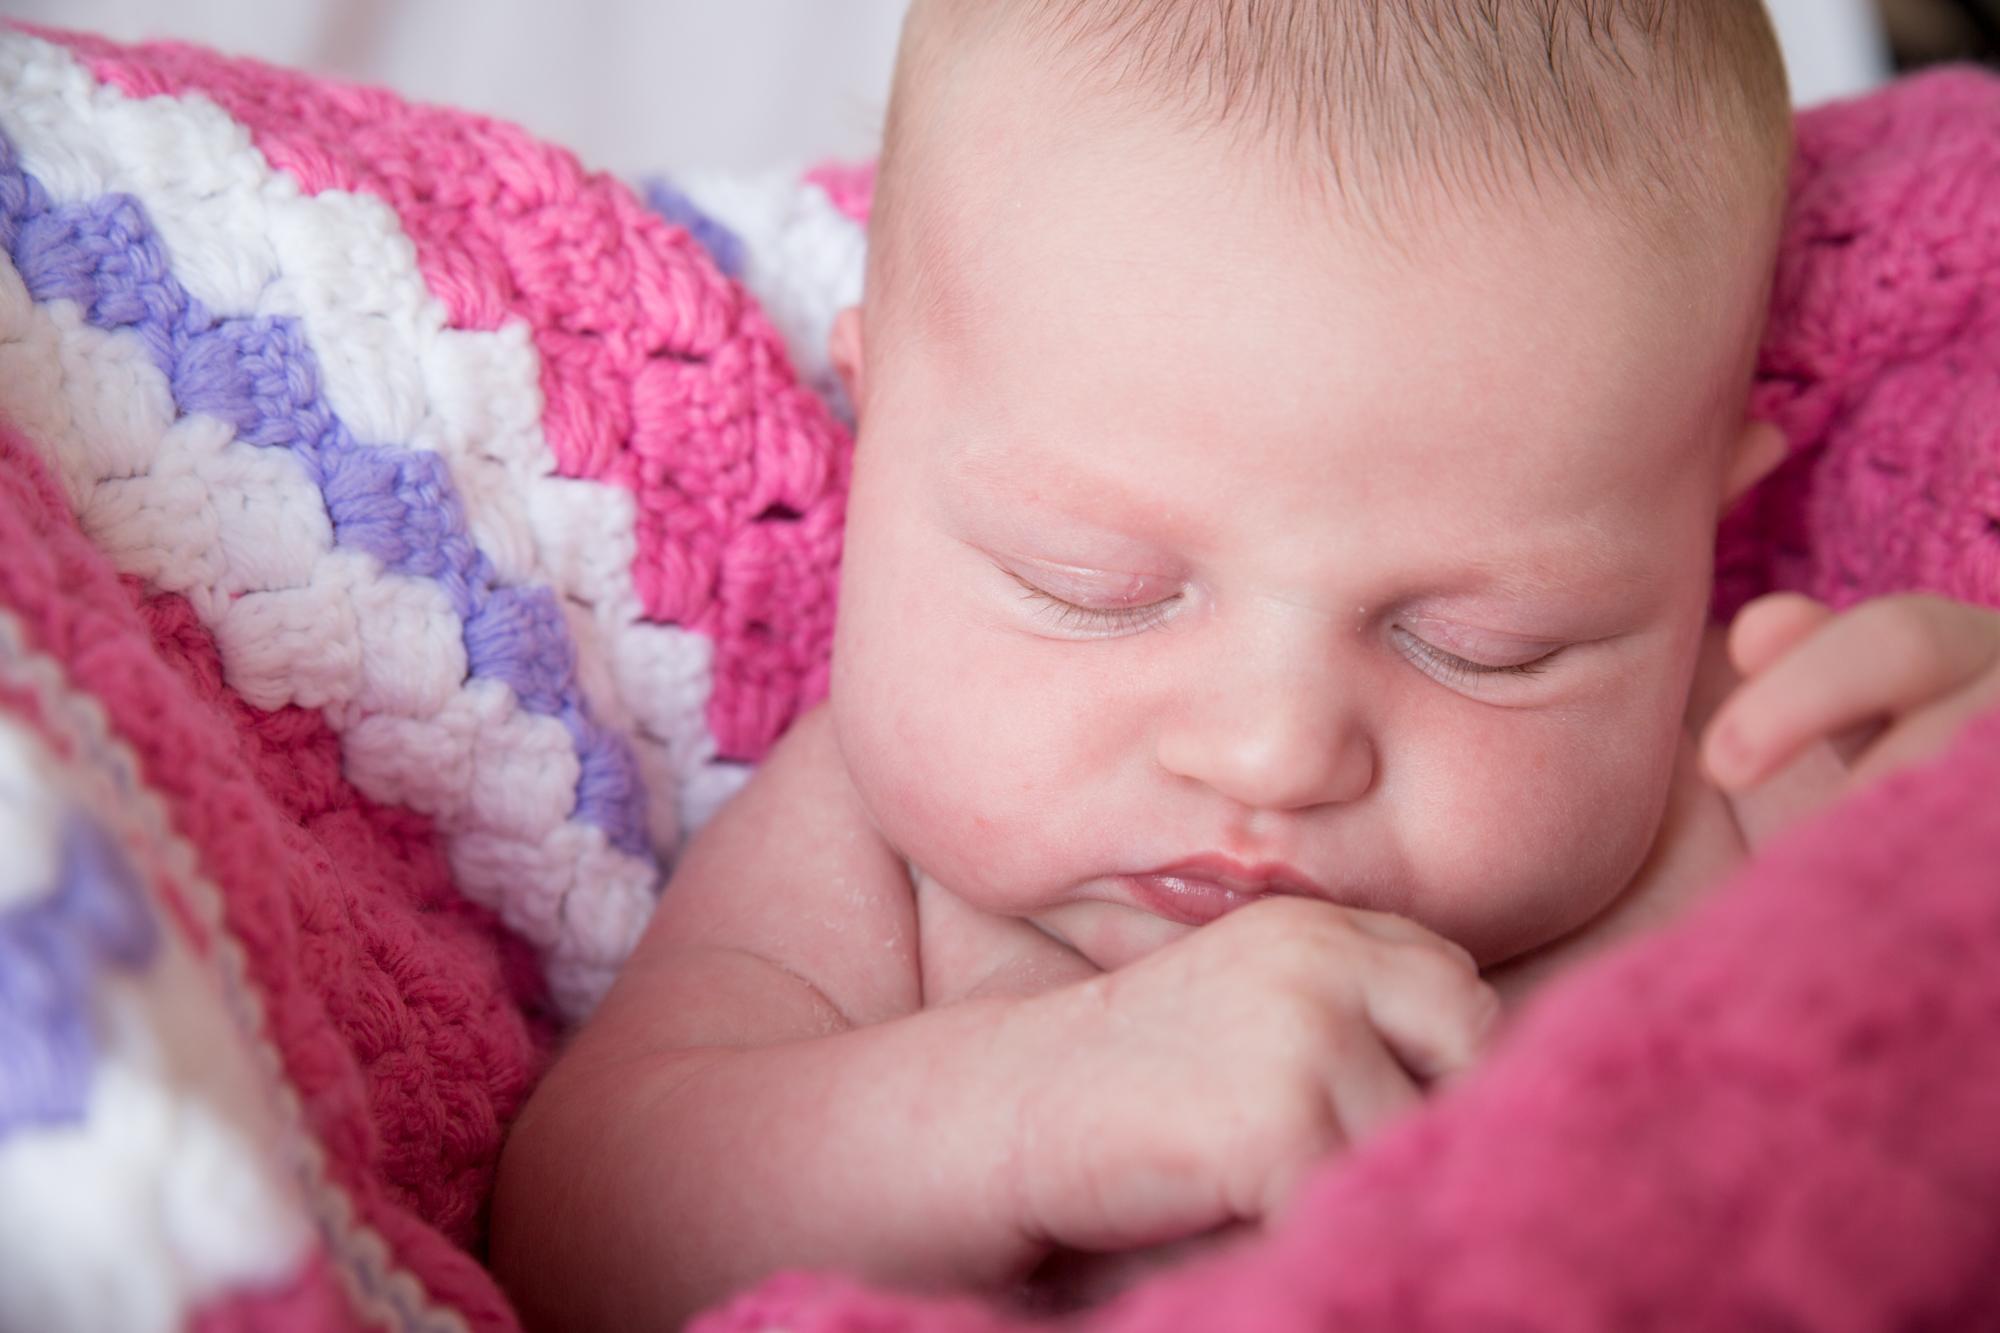 www.fivefivephotos.com.2014.Infant.Seckel.100